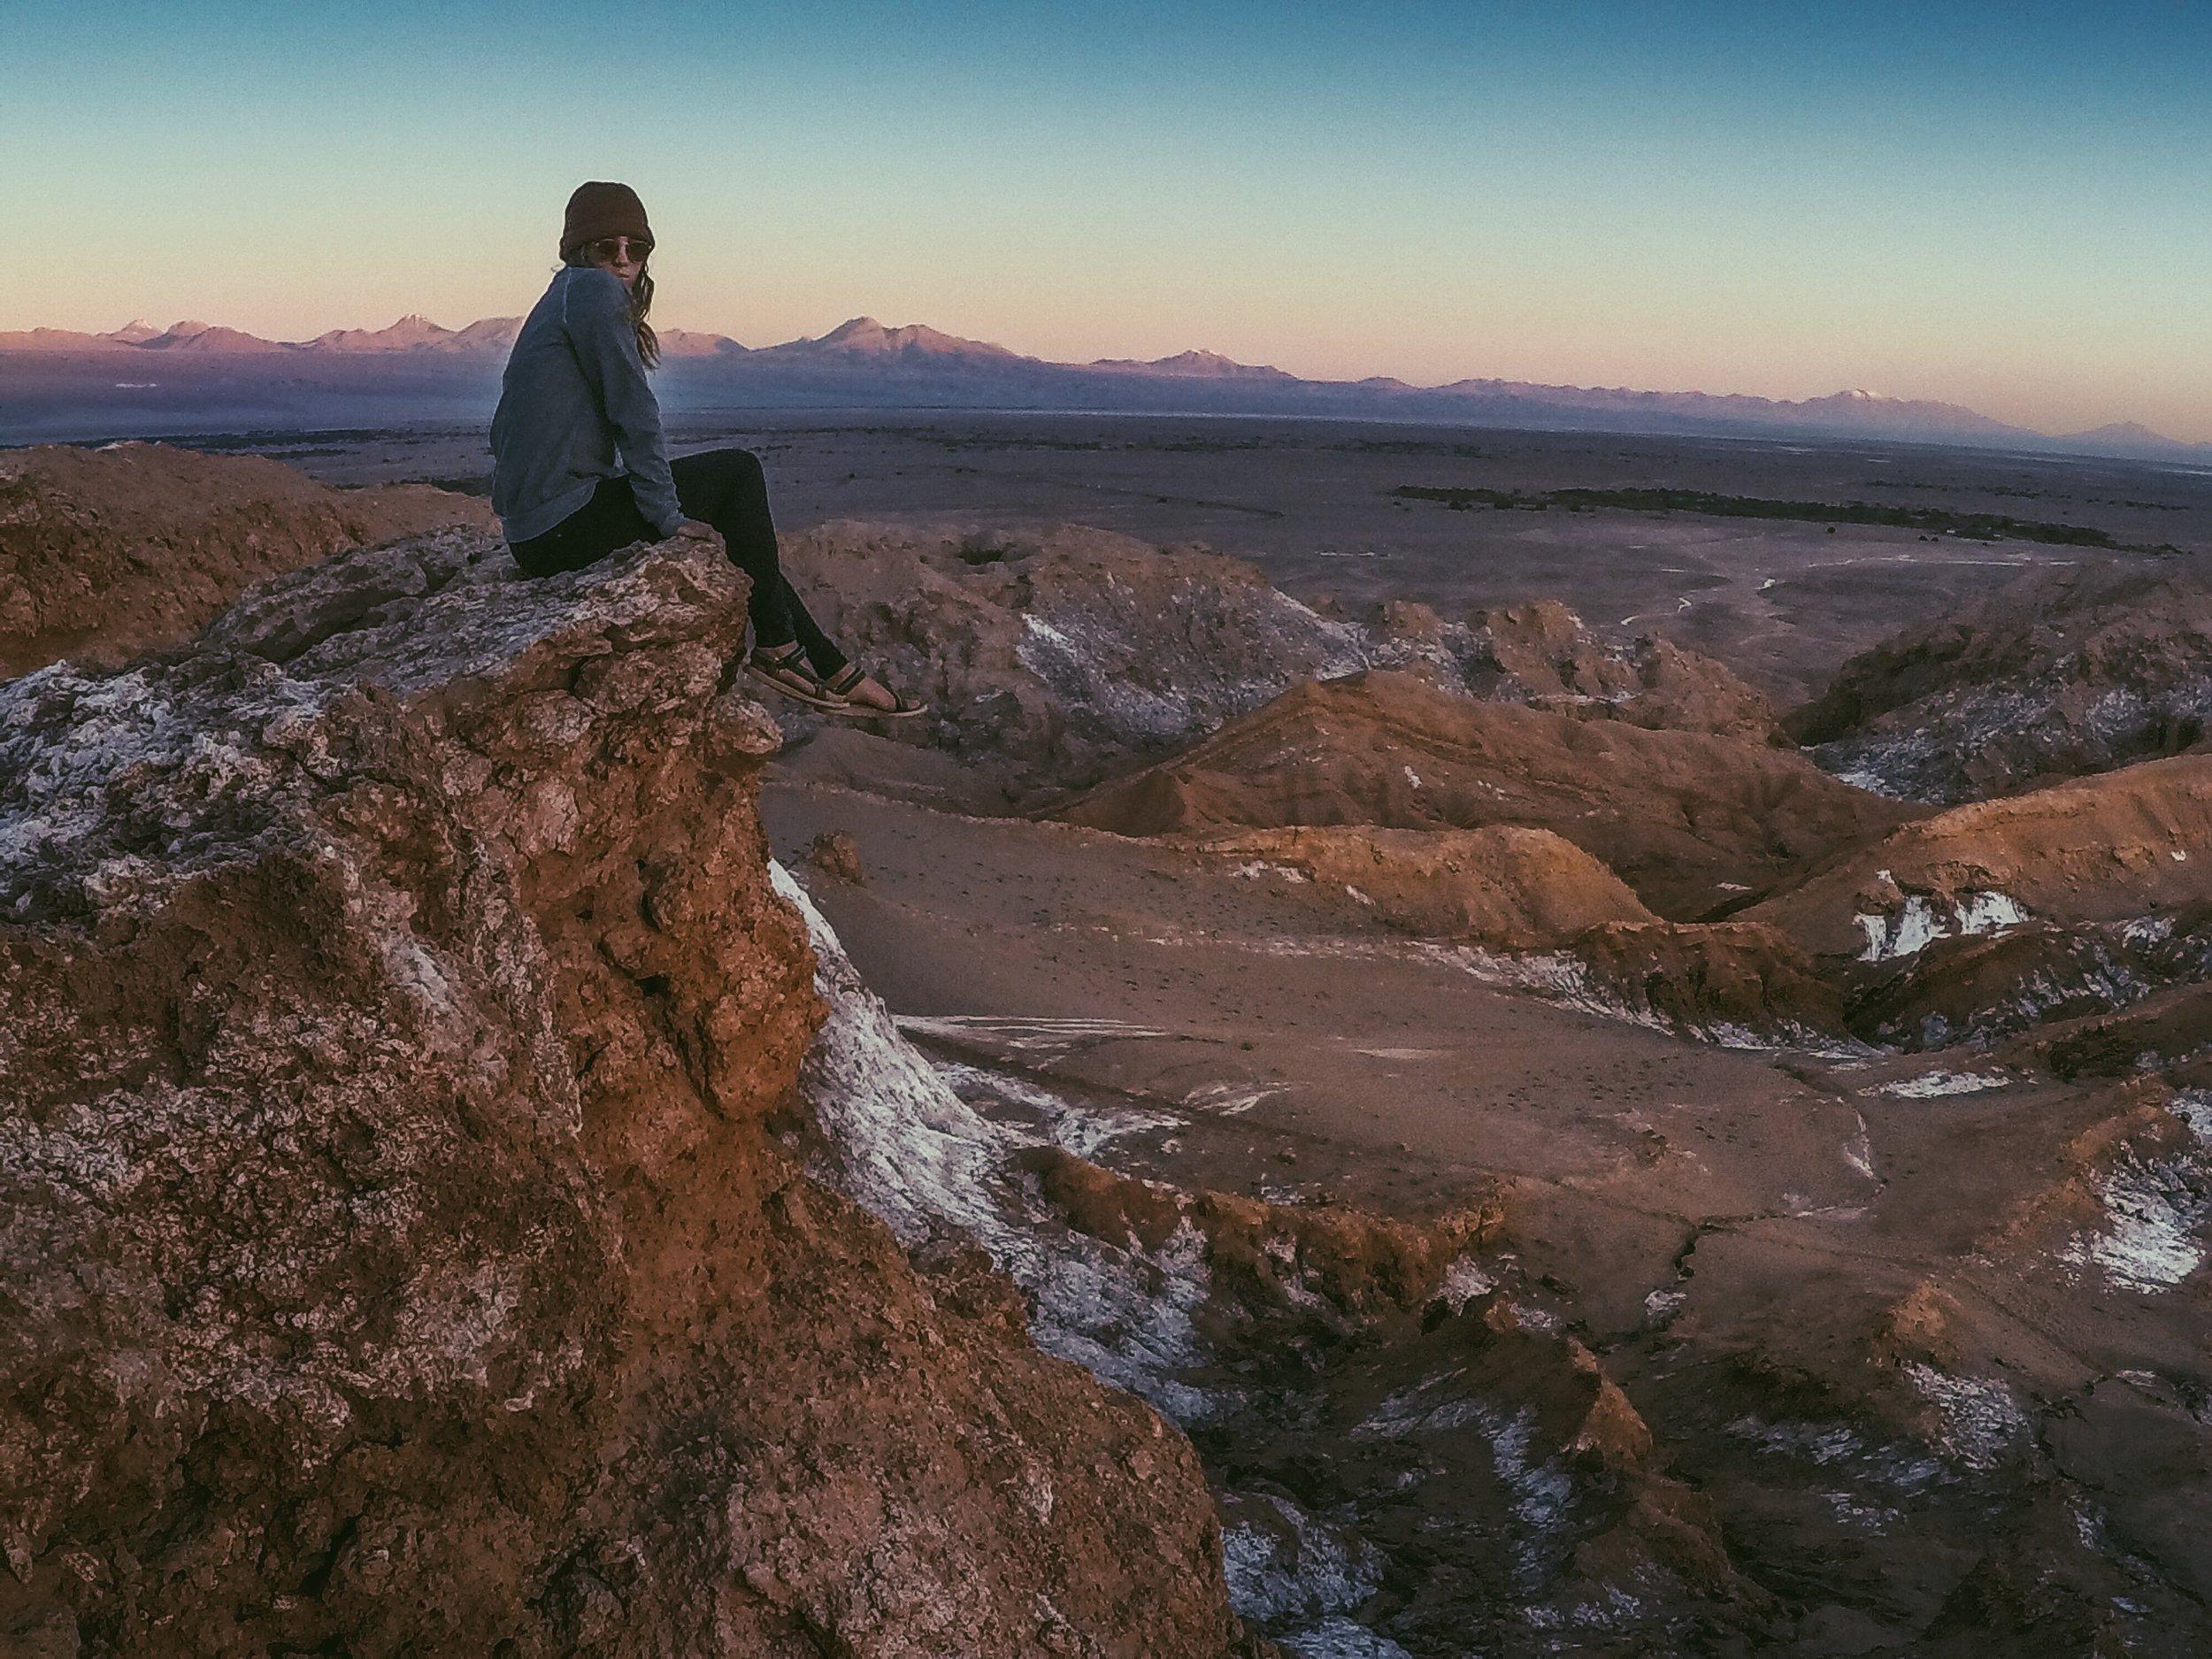 Valle de Luna on the way to San Pedro de Atacama